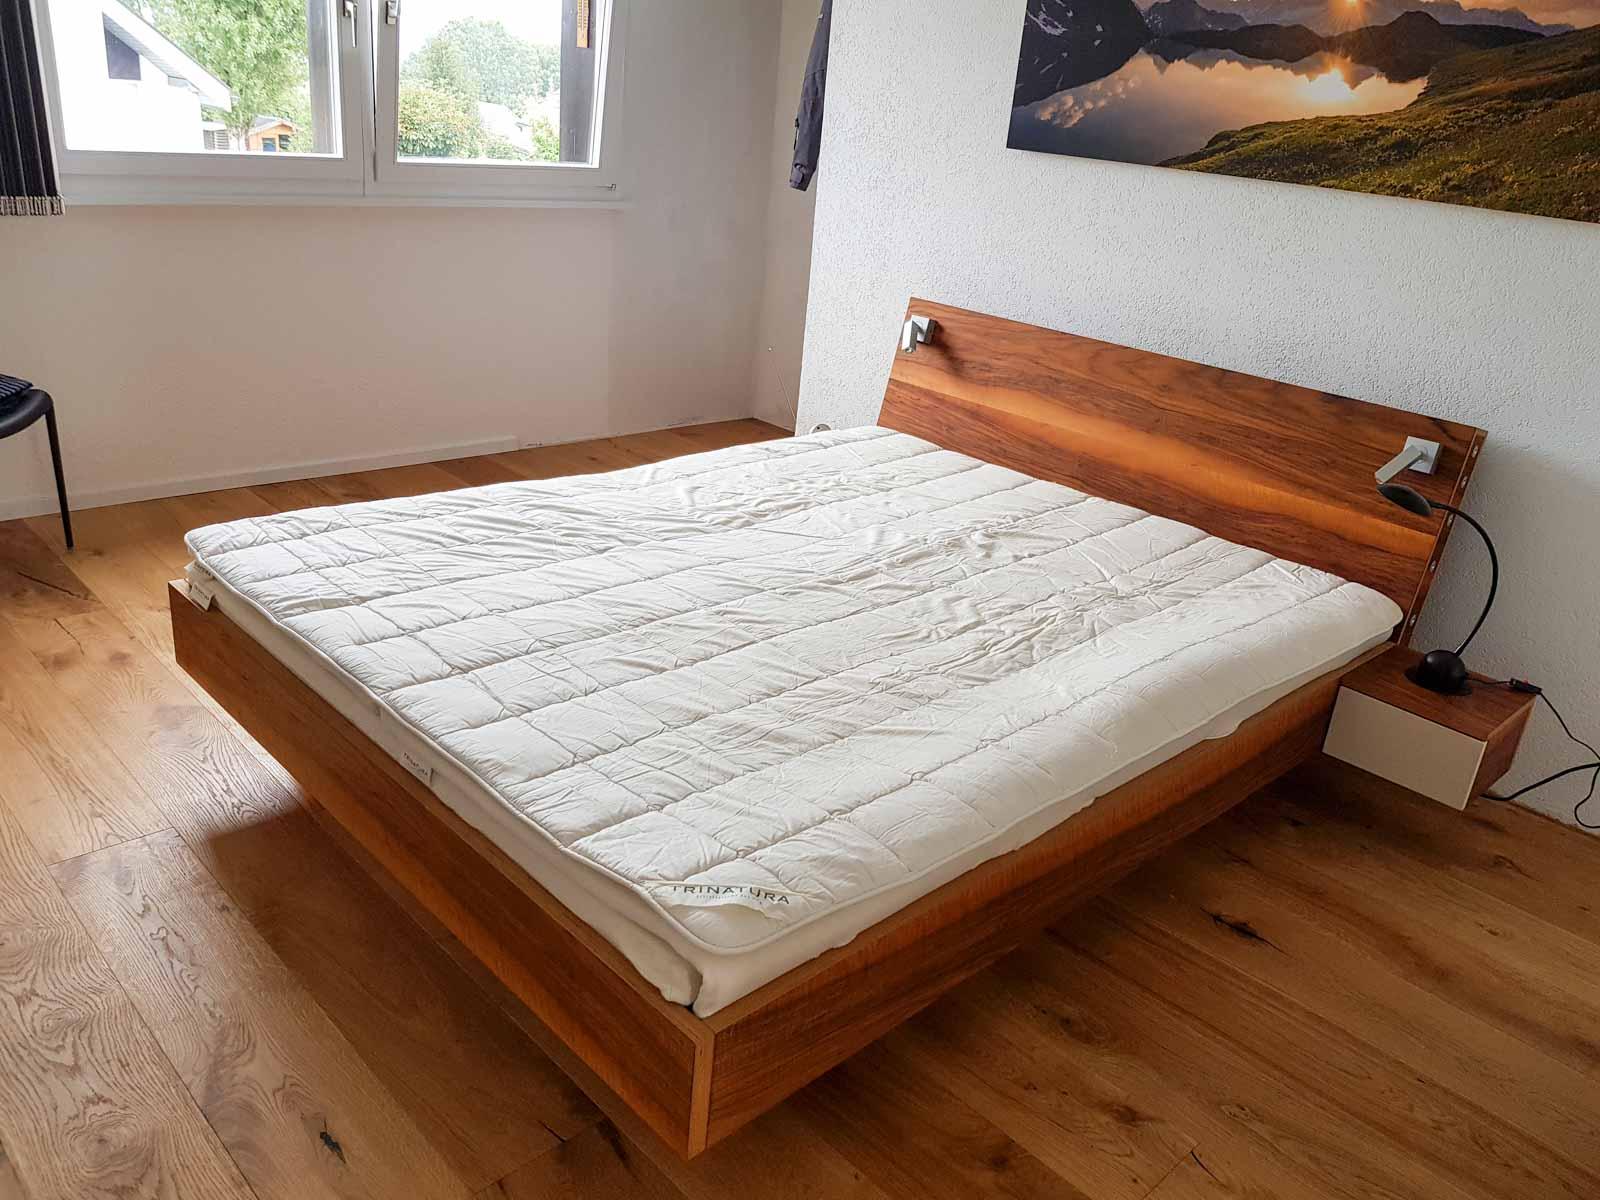 Wooddesign_Bett_Trinatura_Testbett_Nussbaum_Leseleuchte_Kopfteil (3)